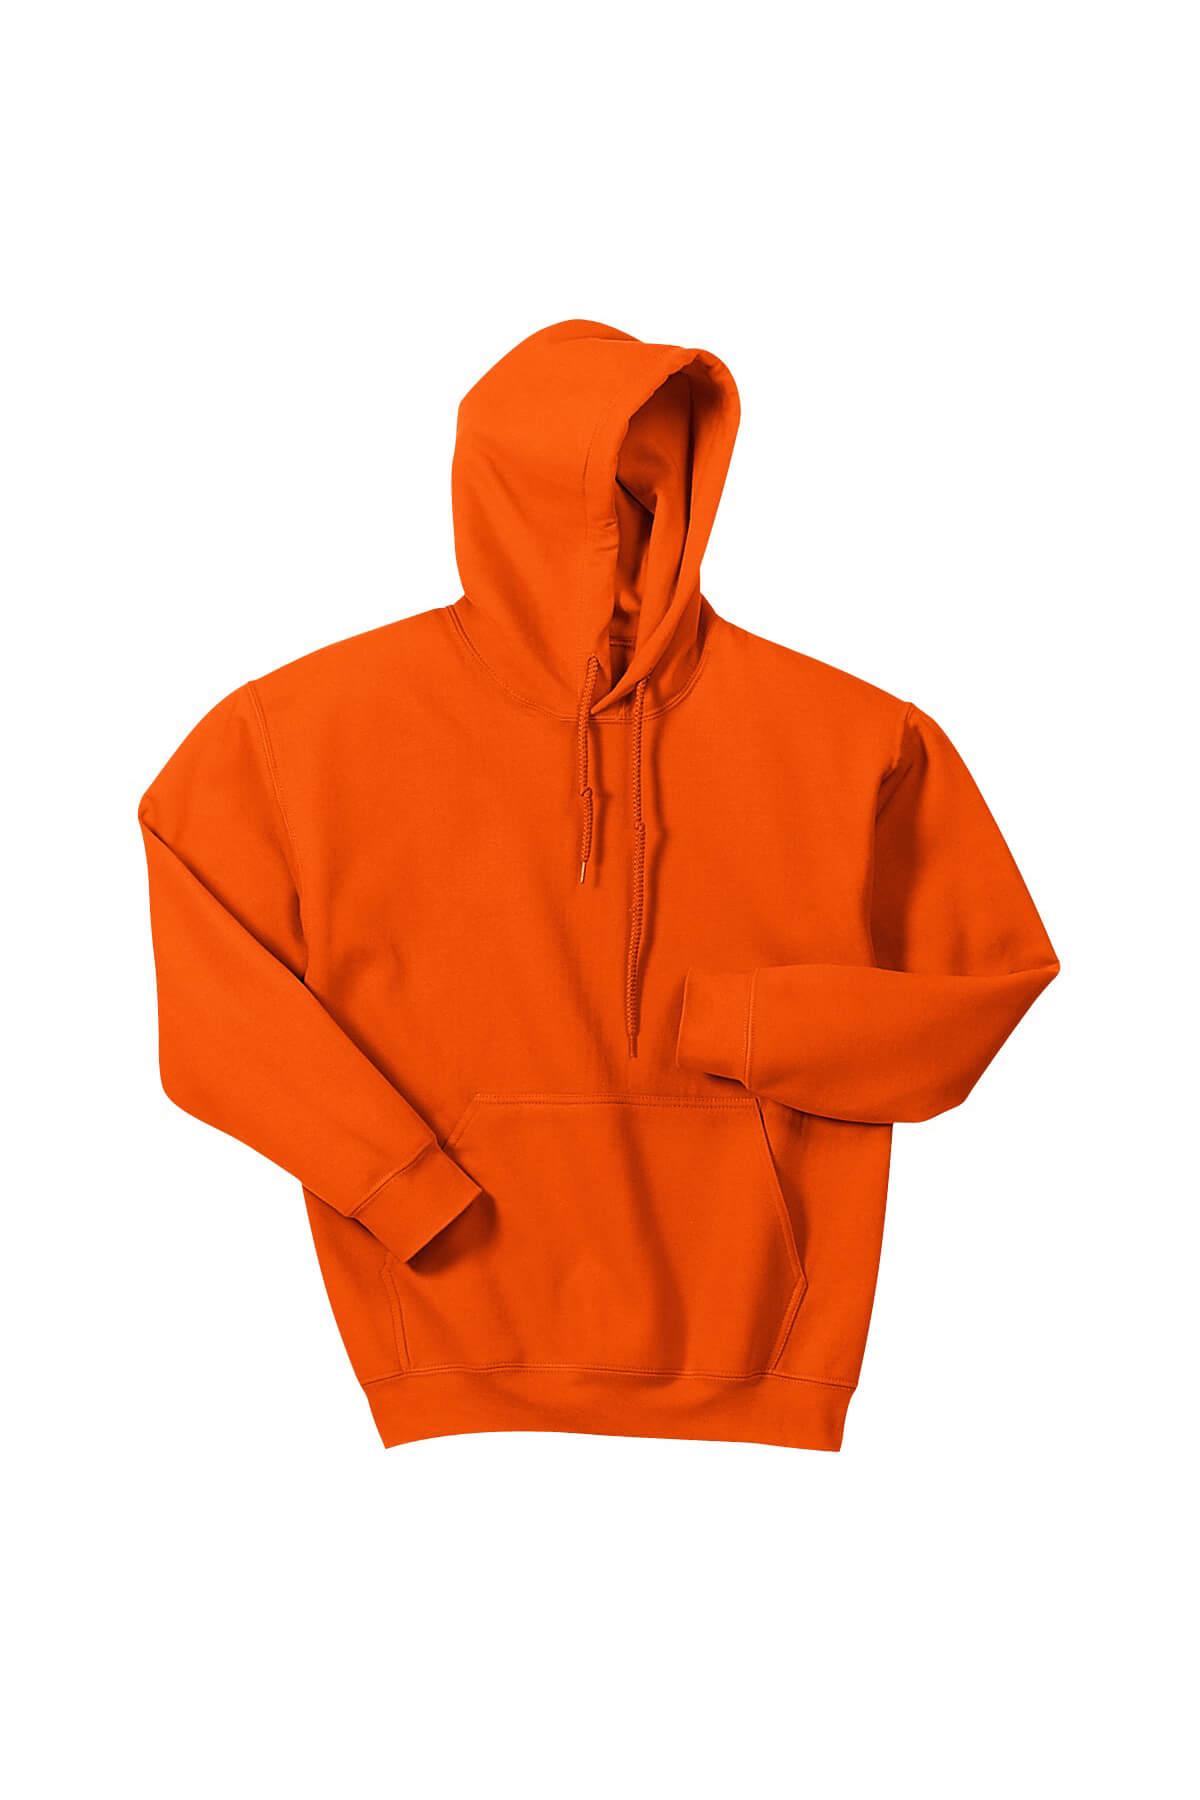 18500-orange-5